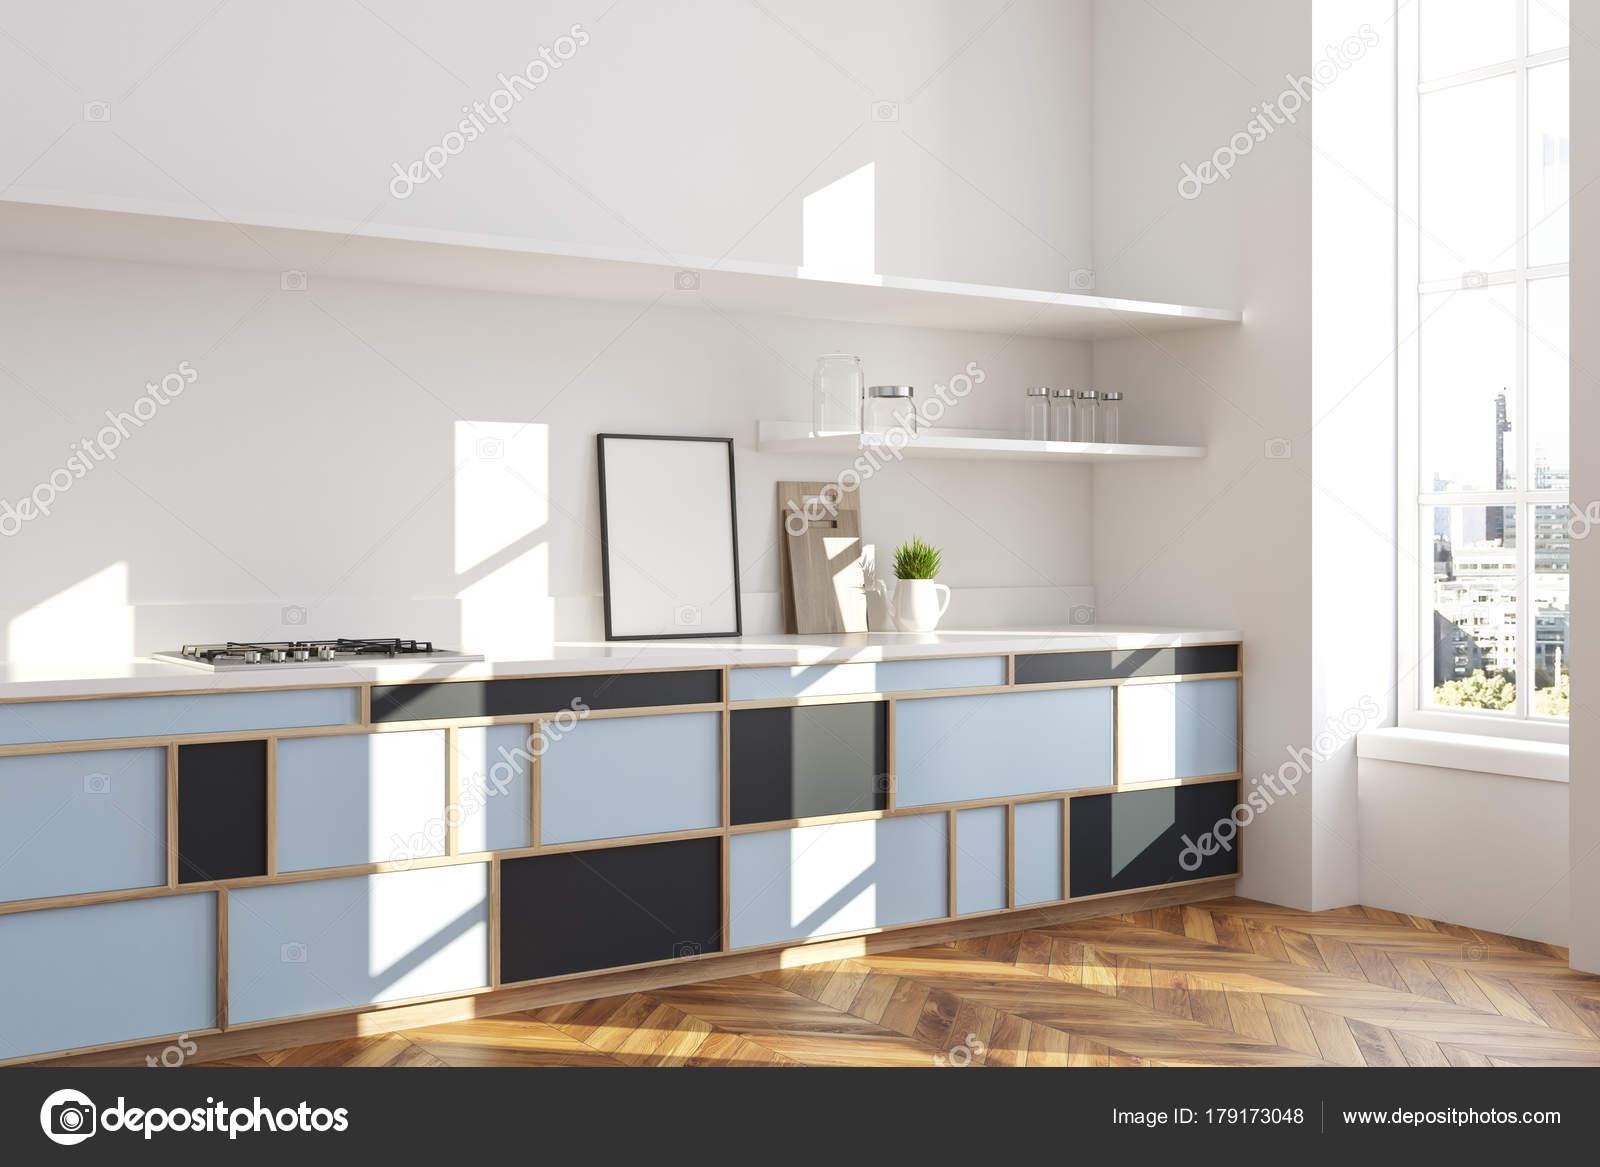 Weisse Blaue Kuchenarbeitsplatte Plakat Seite Stockfoto